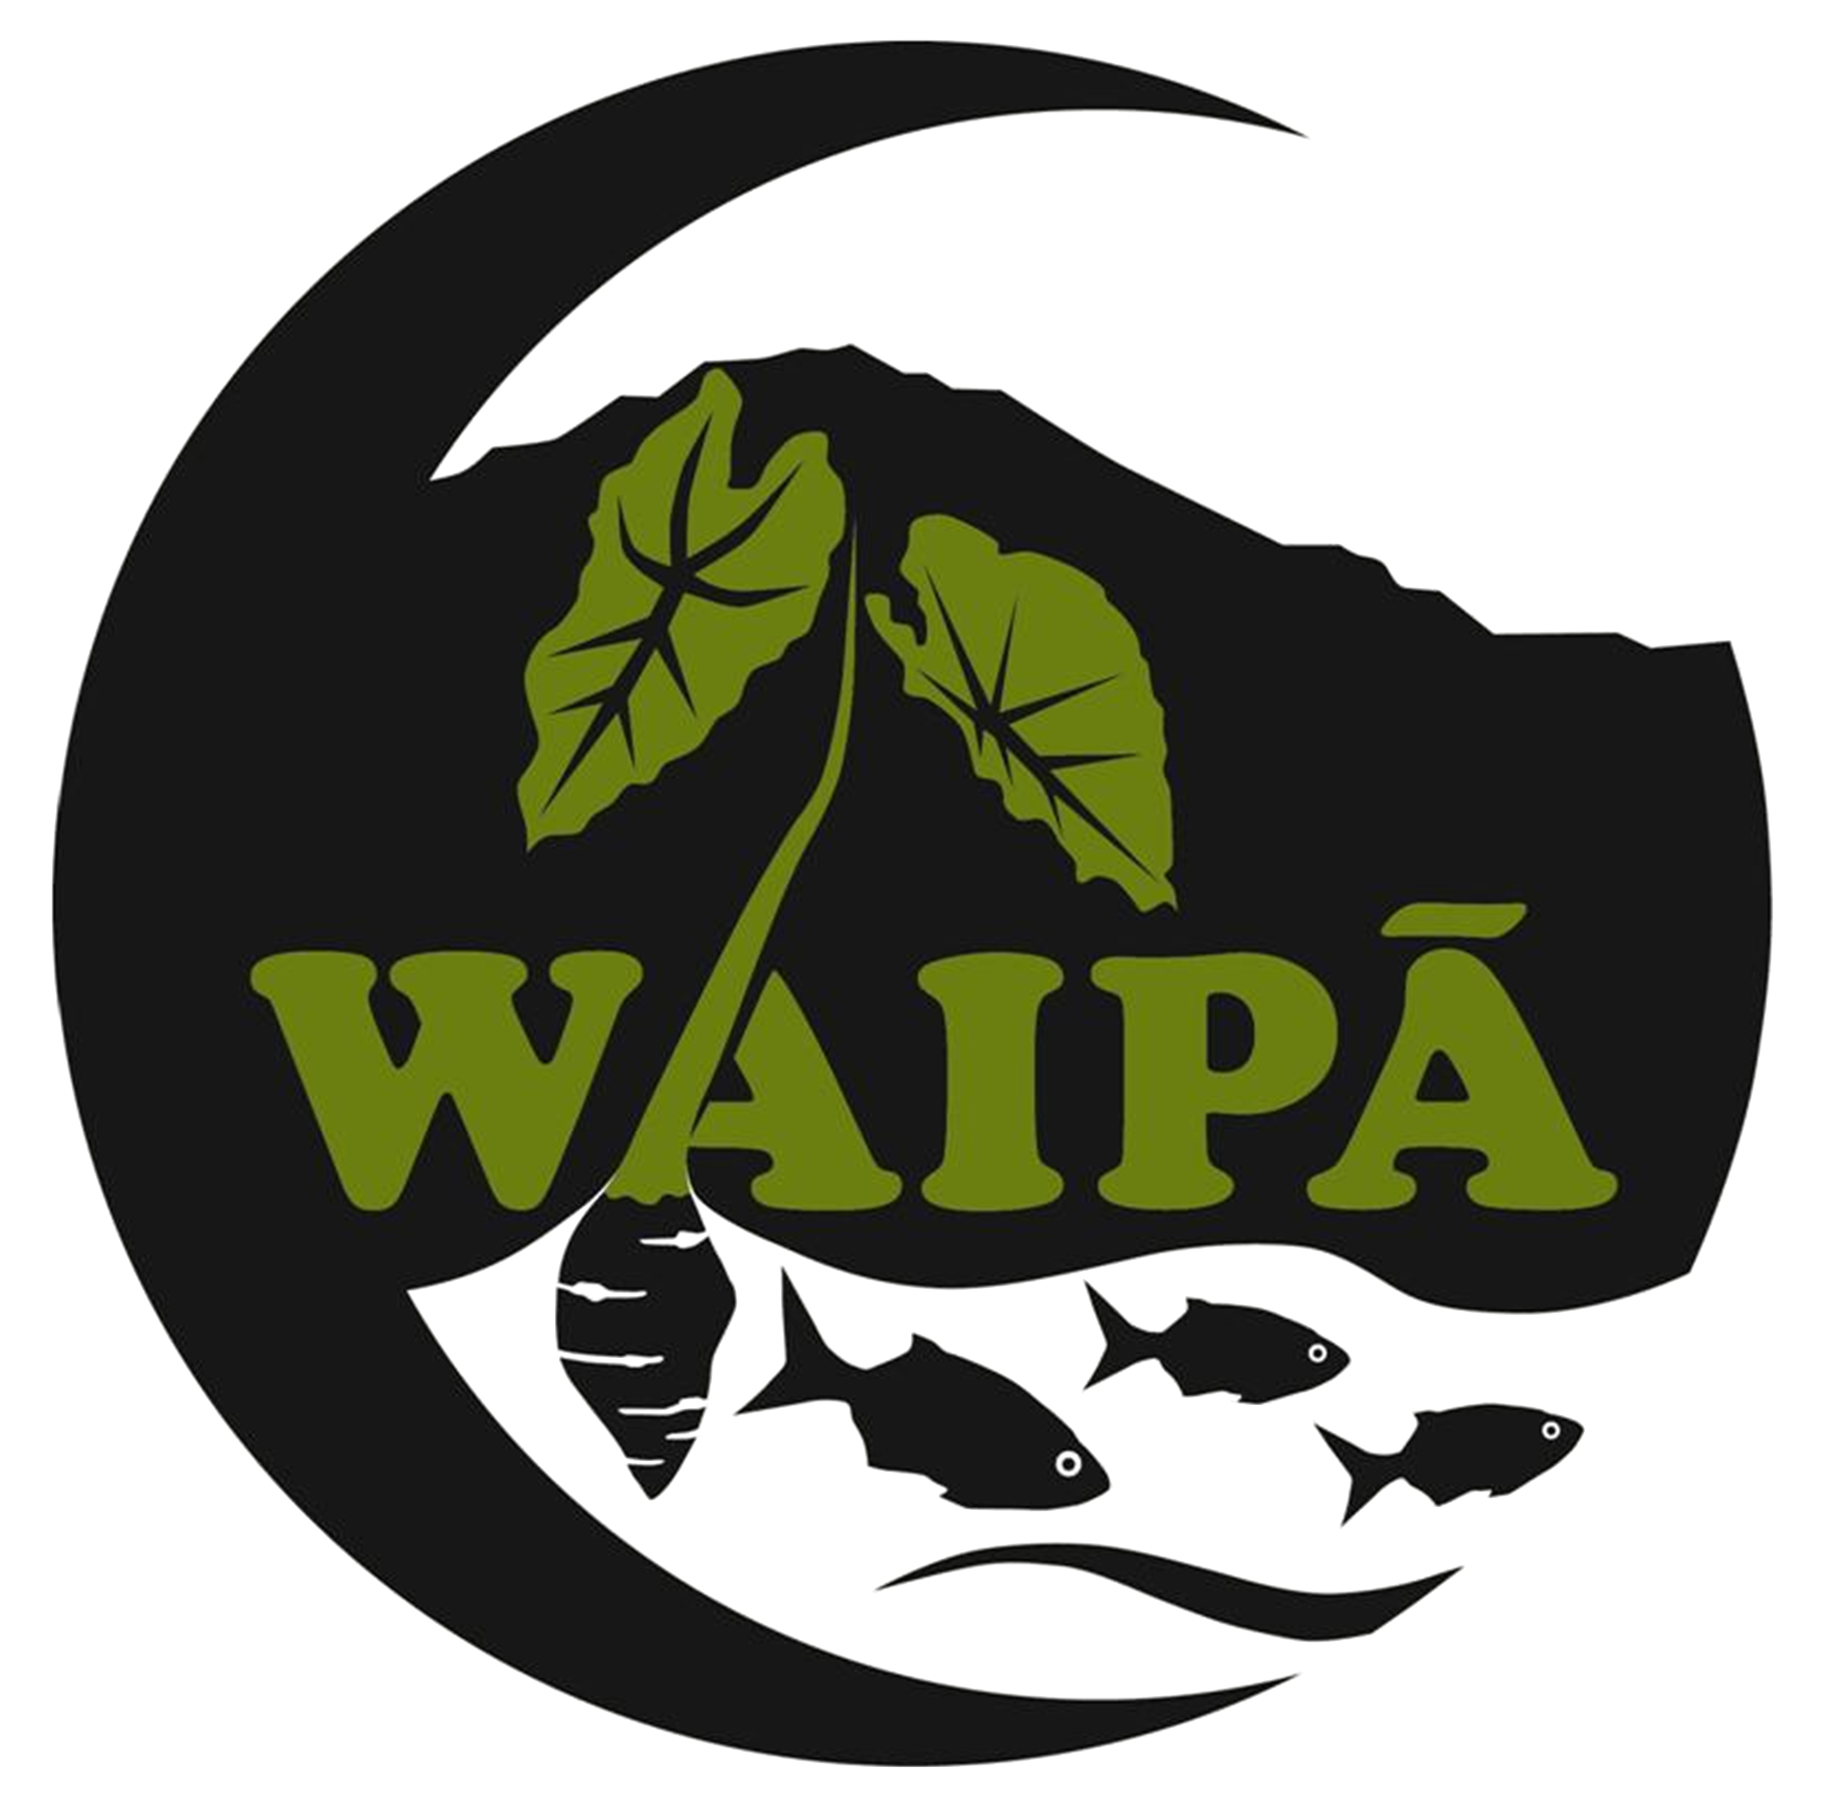 Waipā Foundation